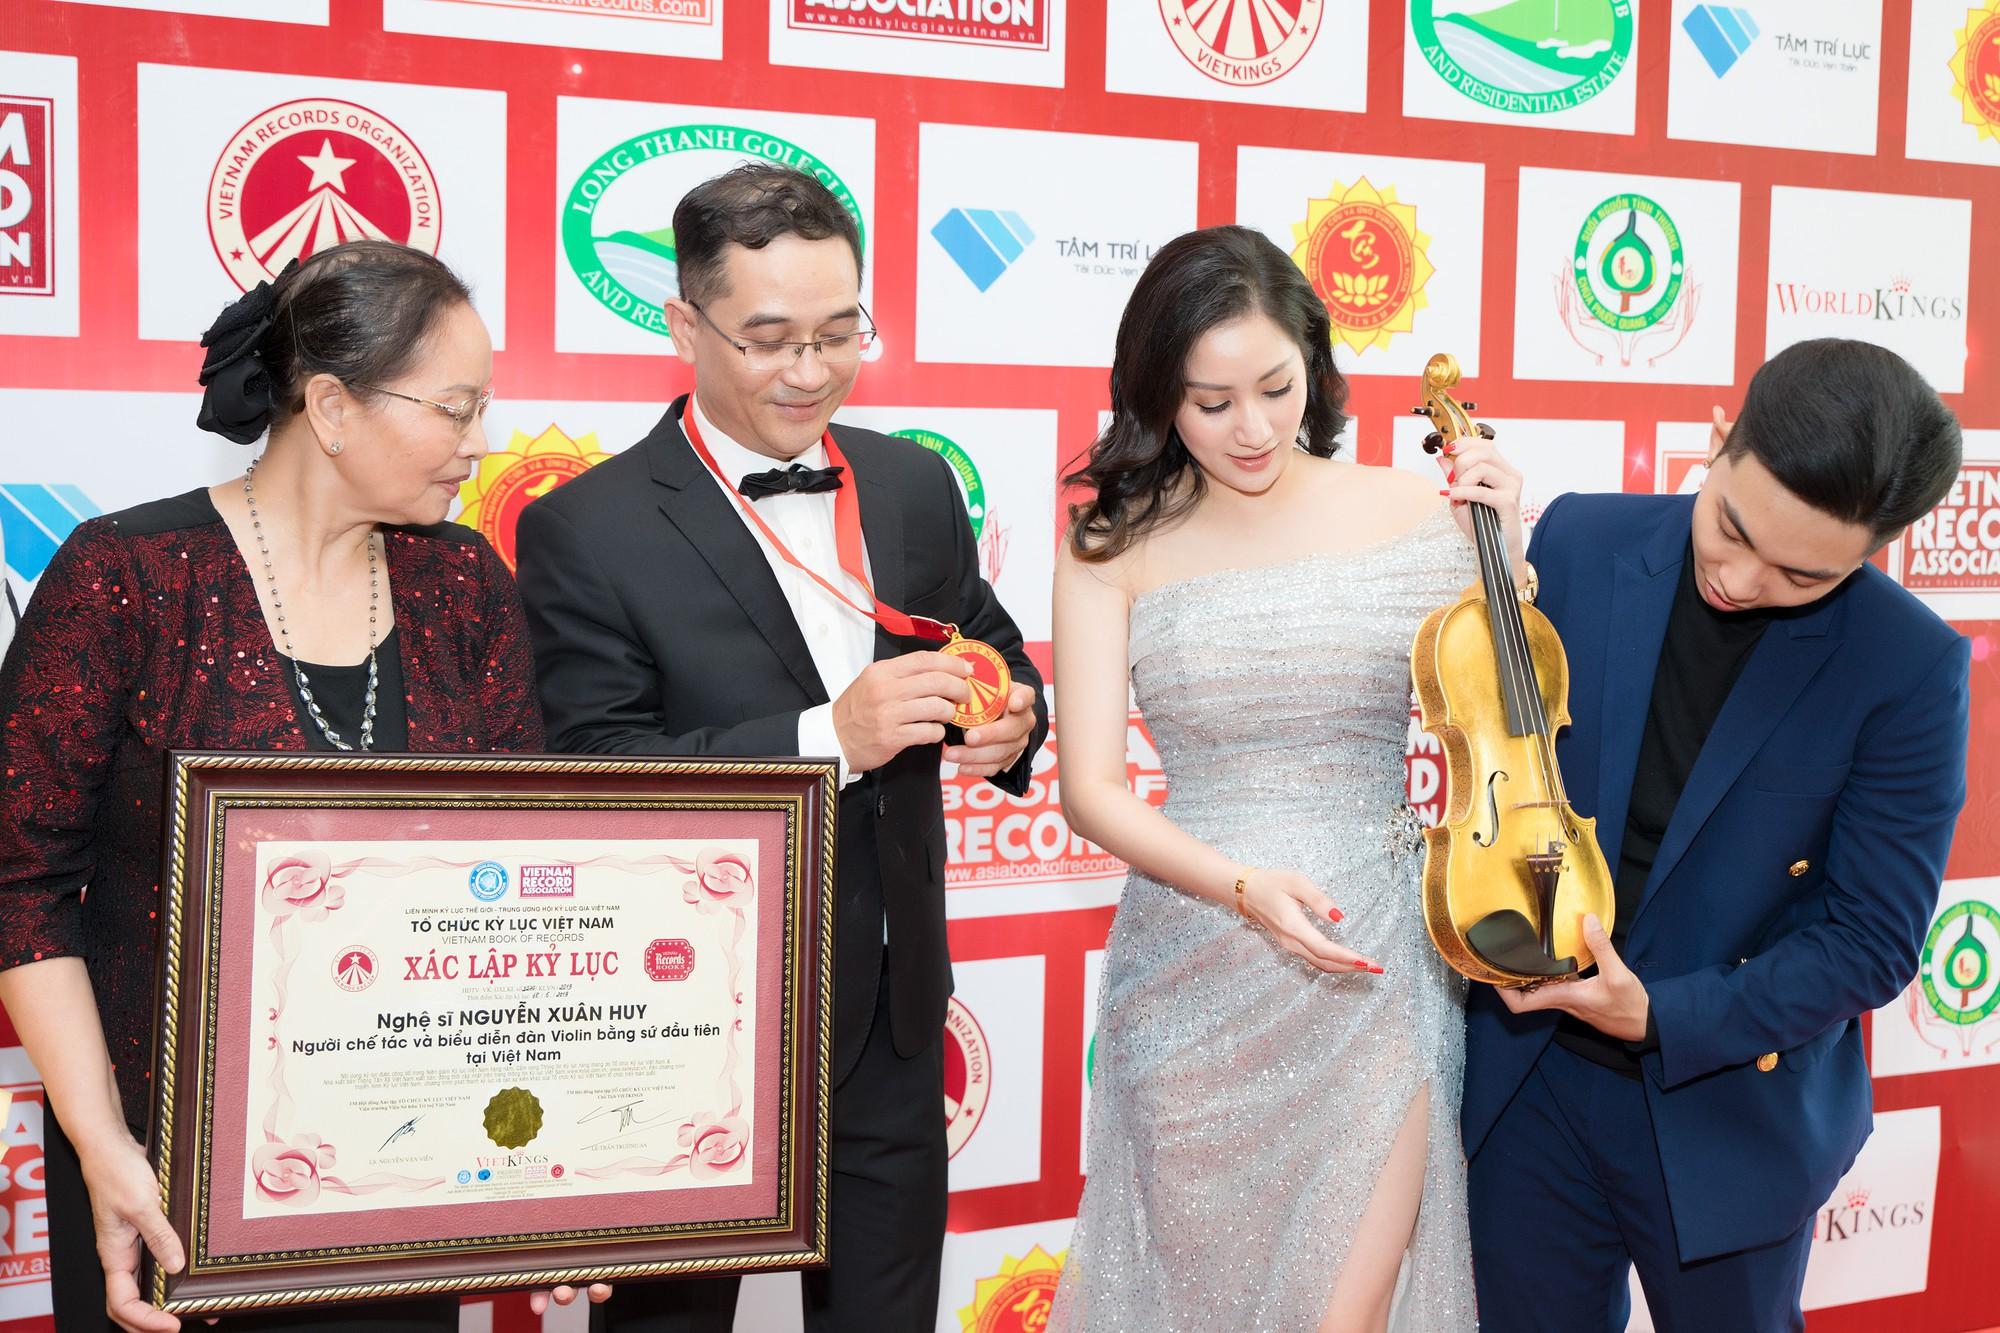 Vợ chồng Khánh Thi bên mẹ và anh trai